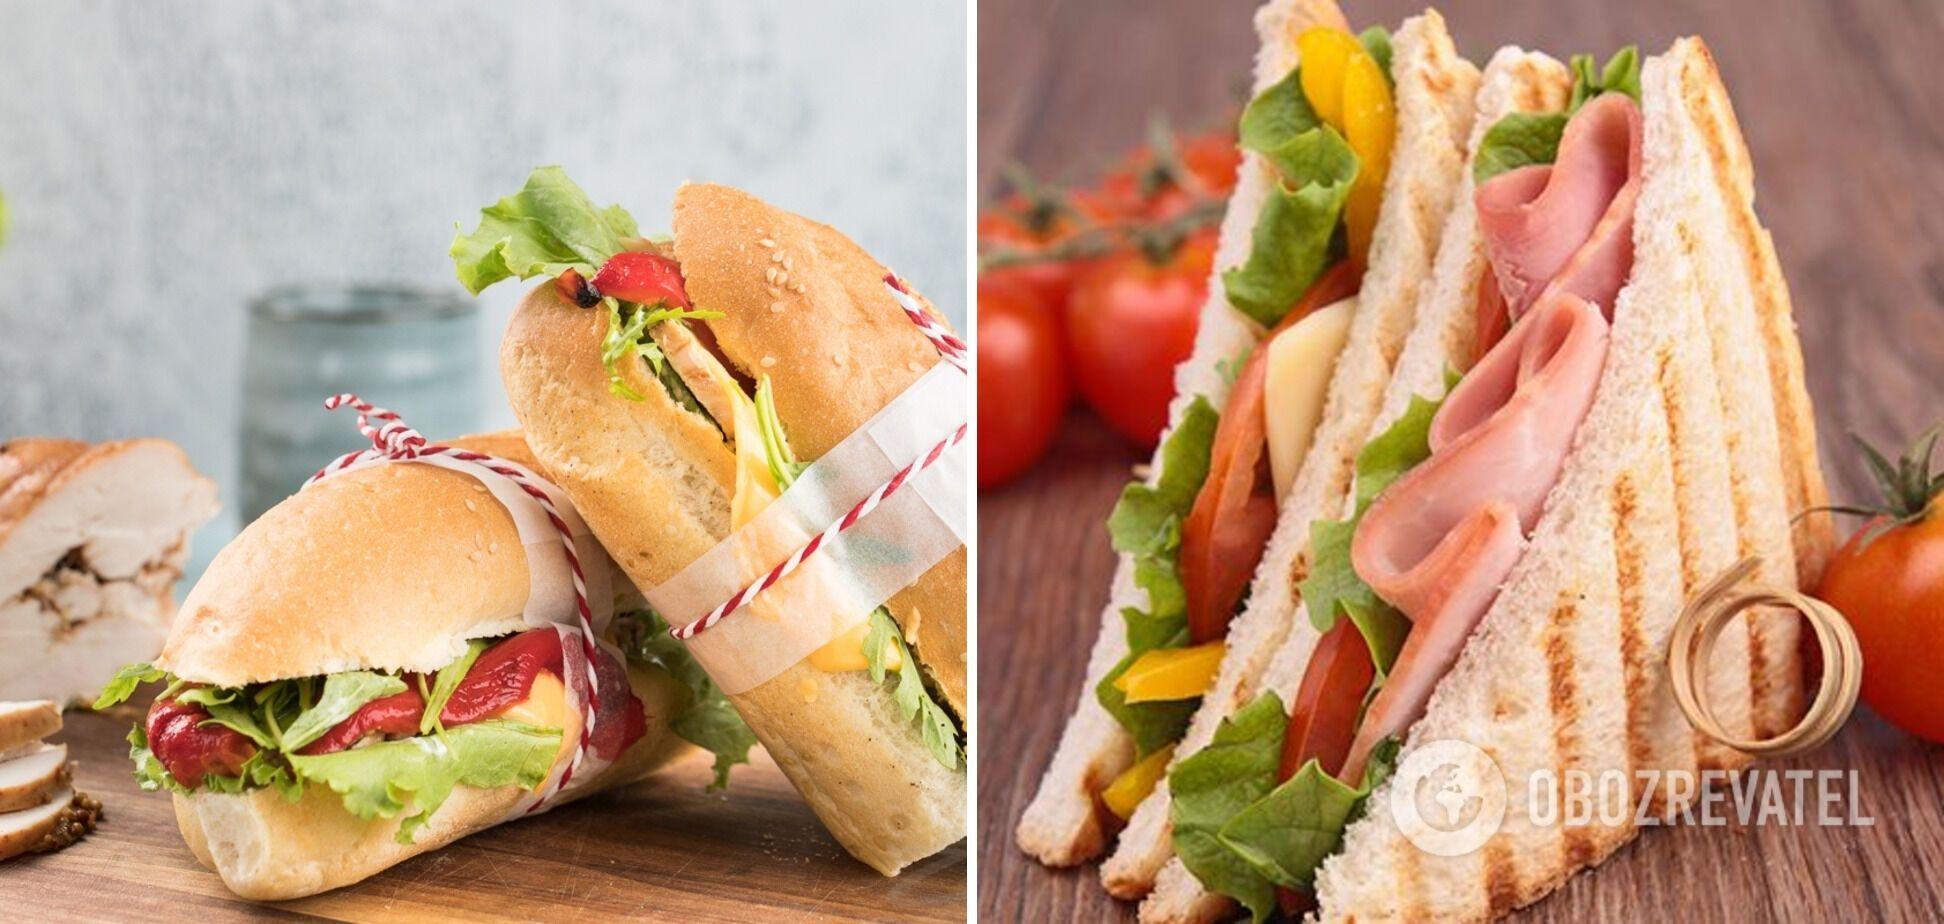 Быстрые сэндвичи для завтраков: приготовление из простых ингредиентов